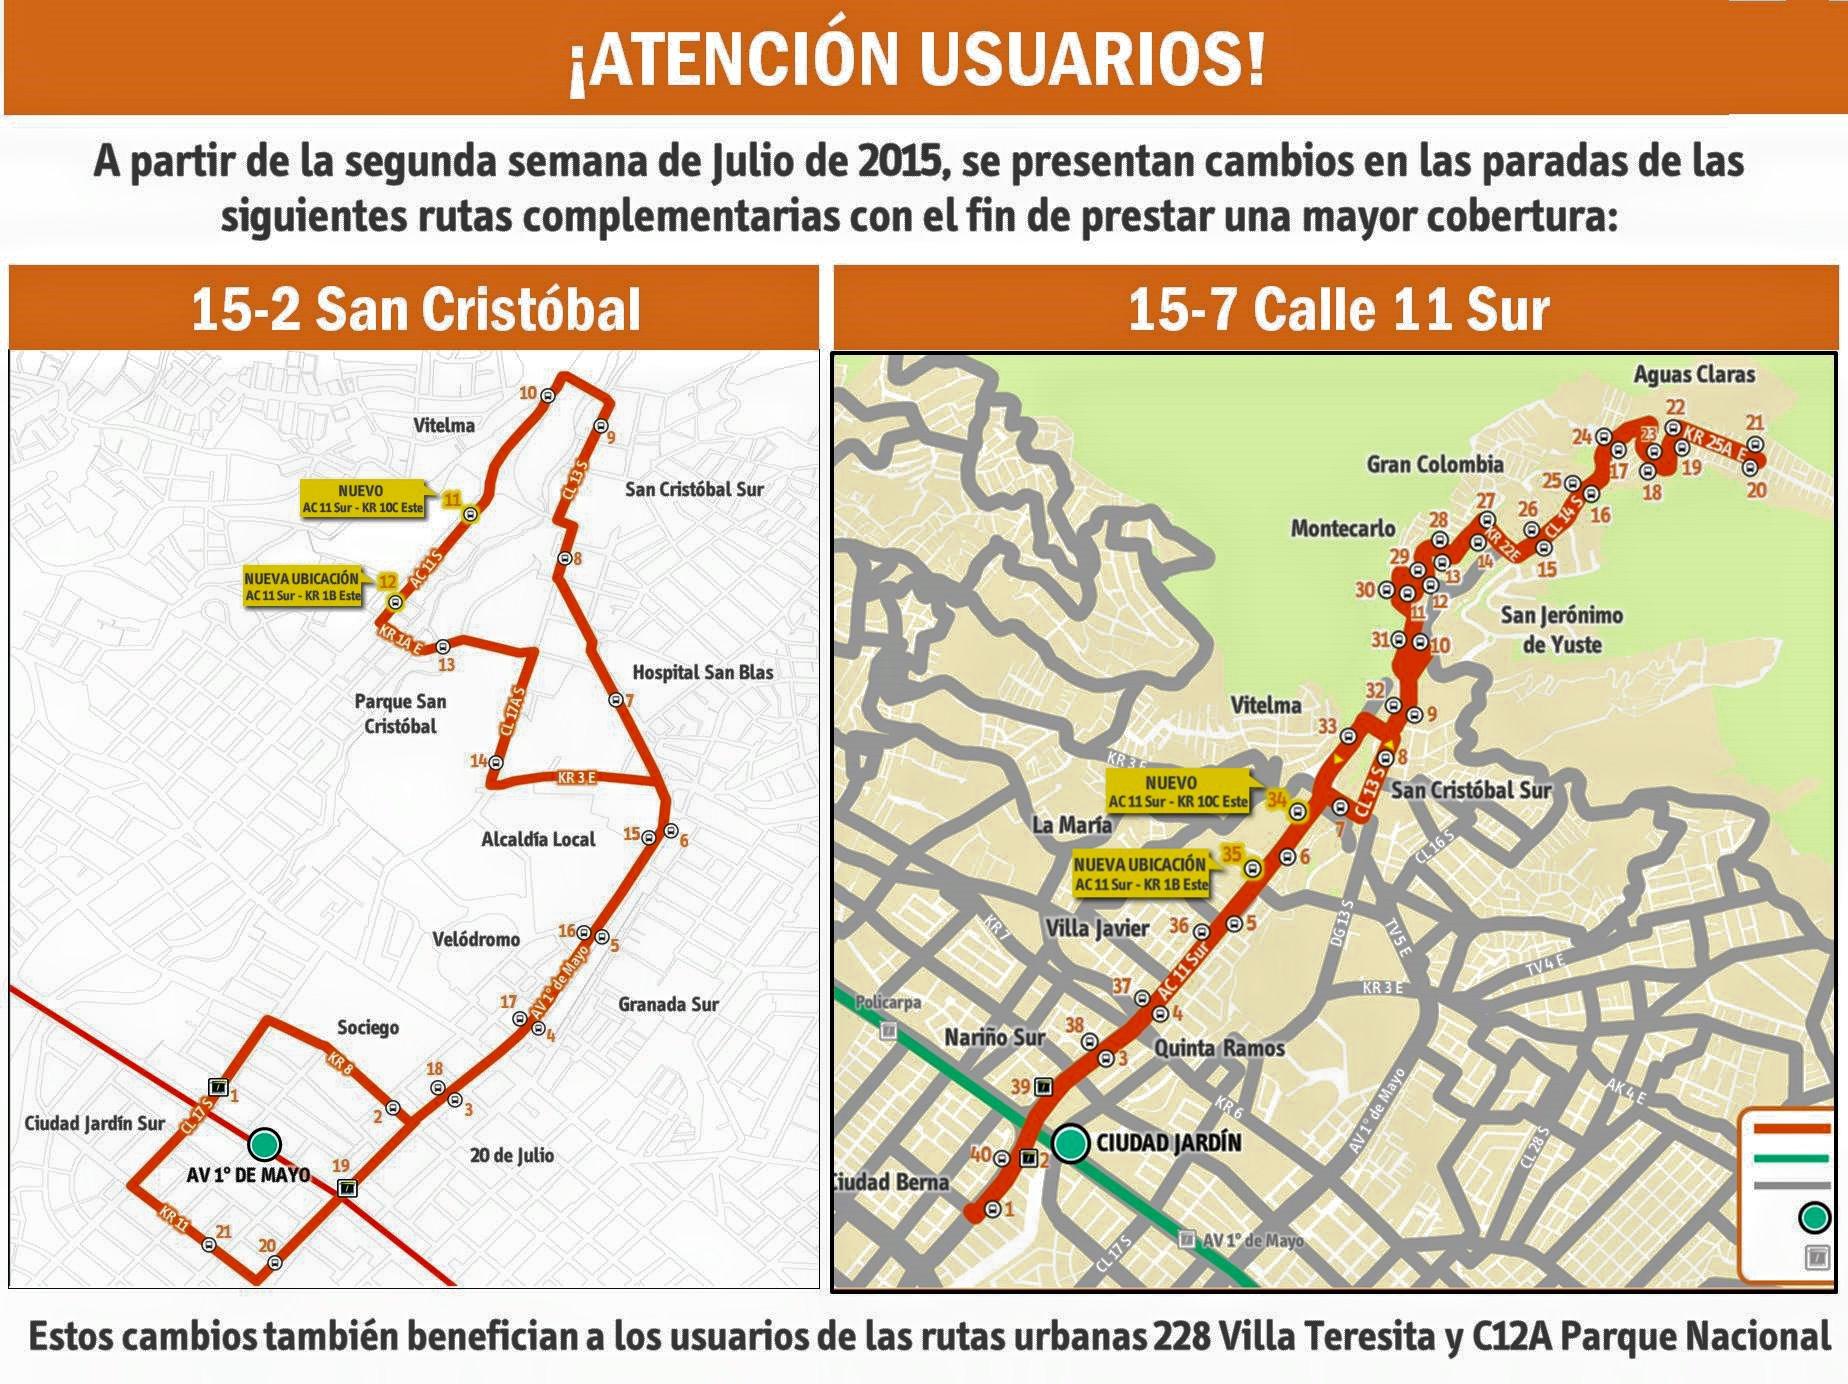 Ligera modificación de paraderos en la complementaria 15-2 San Cristóbal